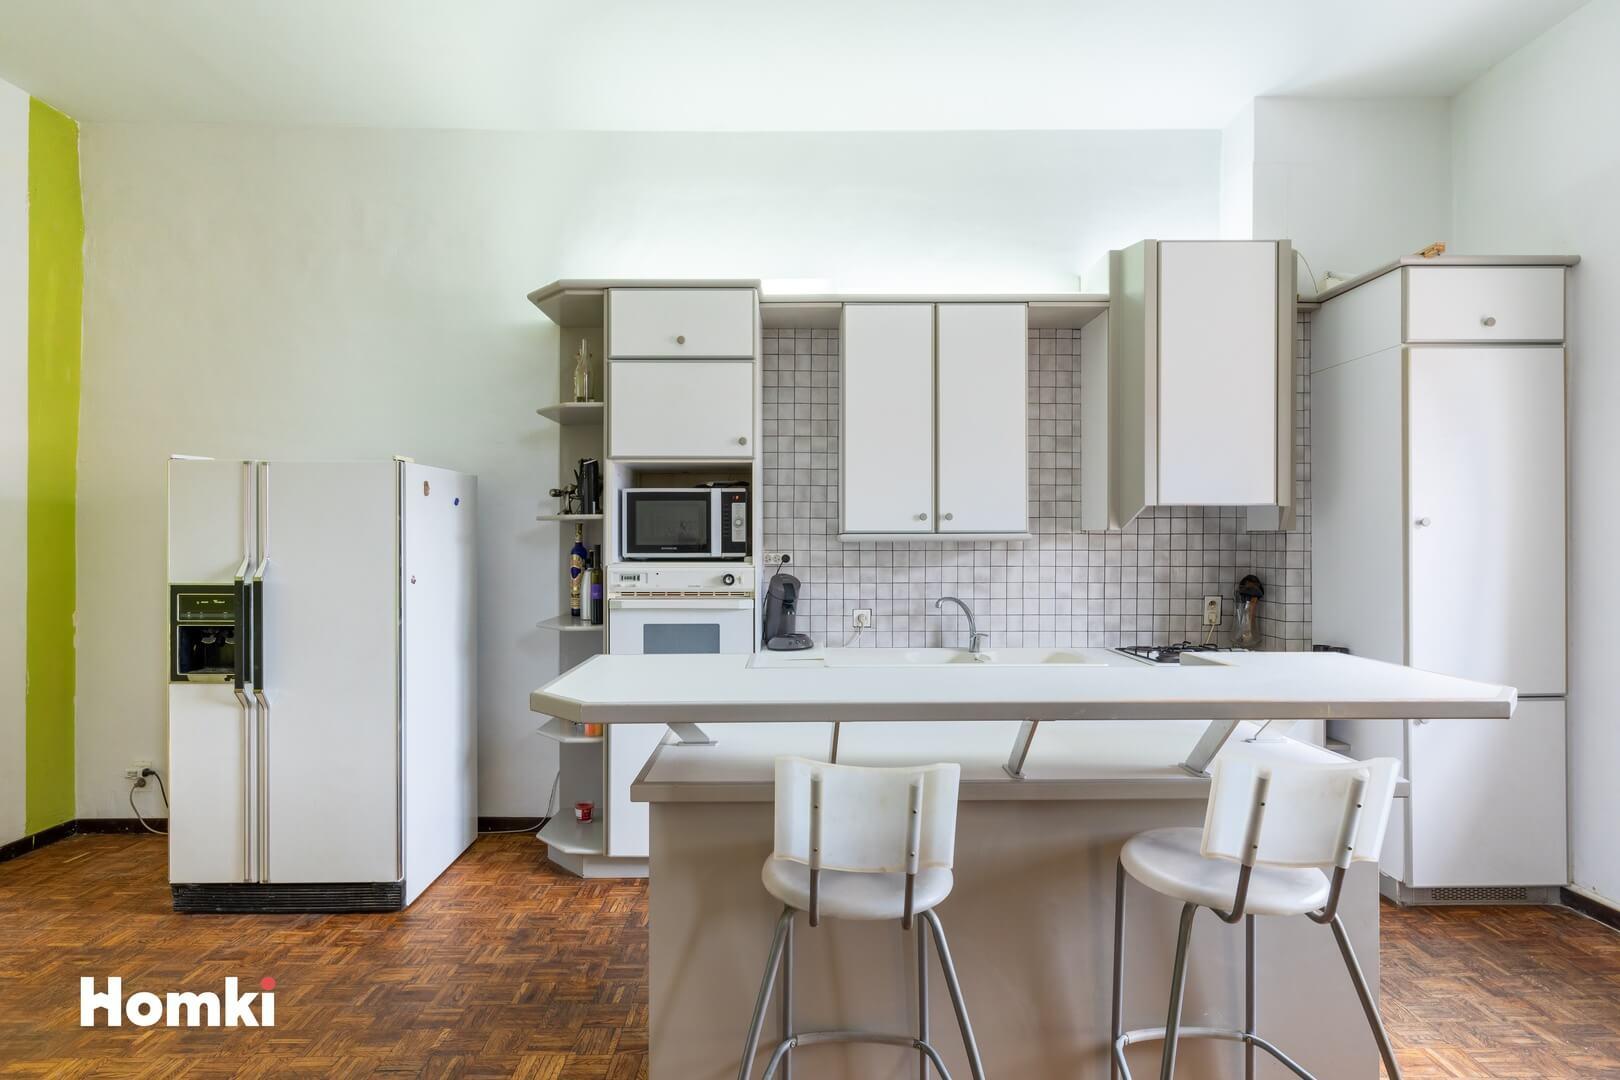 Homki - Vente Maison de ville  de 90.0 m² à Béziers 34500